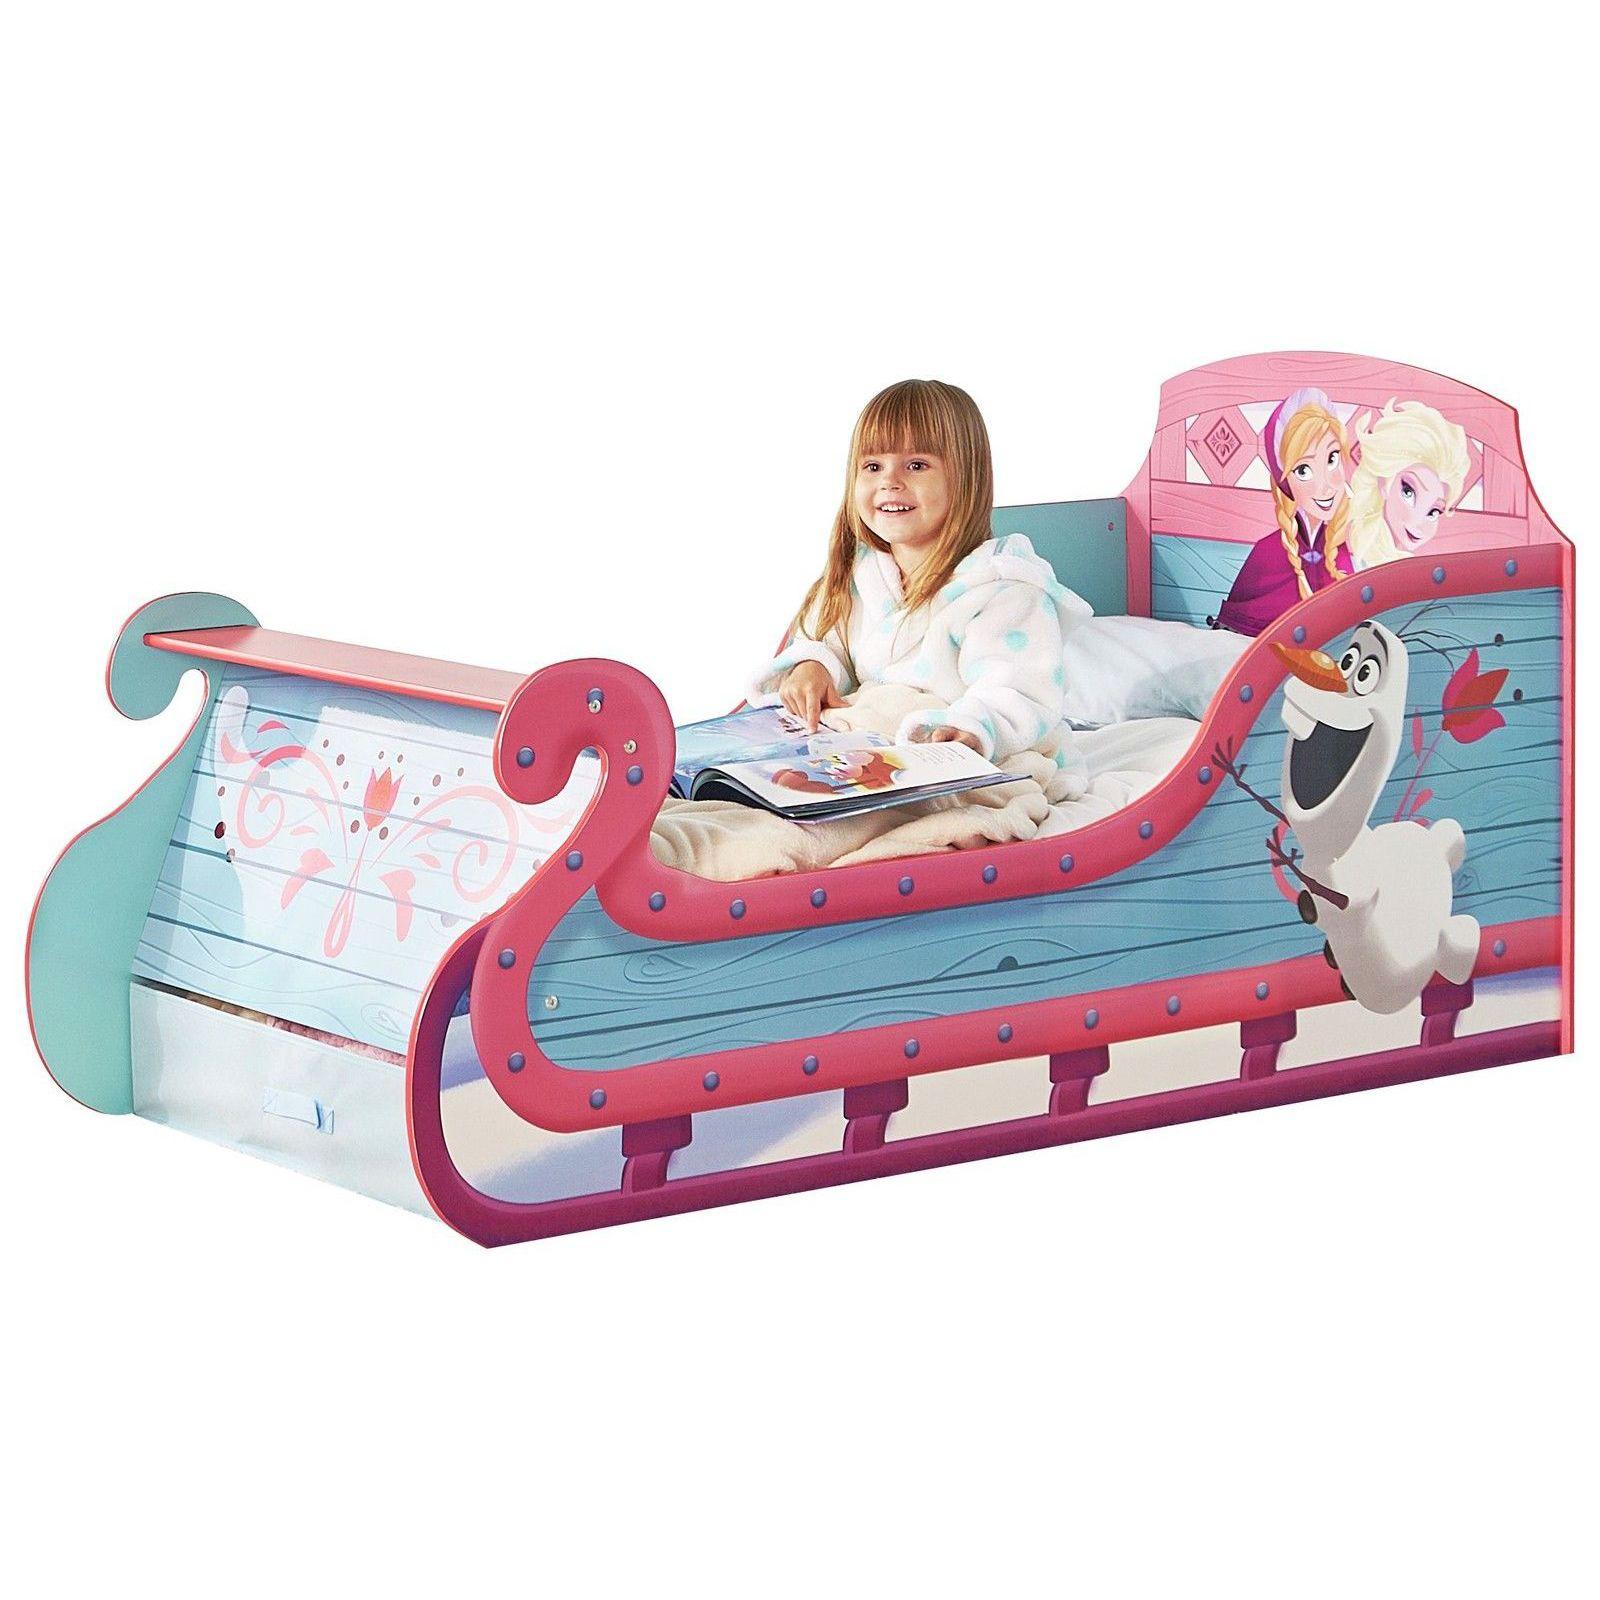 Disney Frozen Schlitten Kleinkind Bett mit unterbett-aufbewahrung   eBay